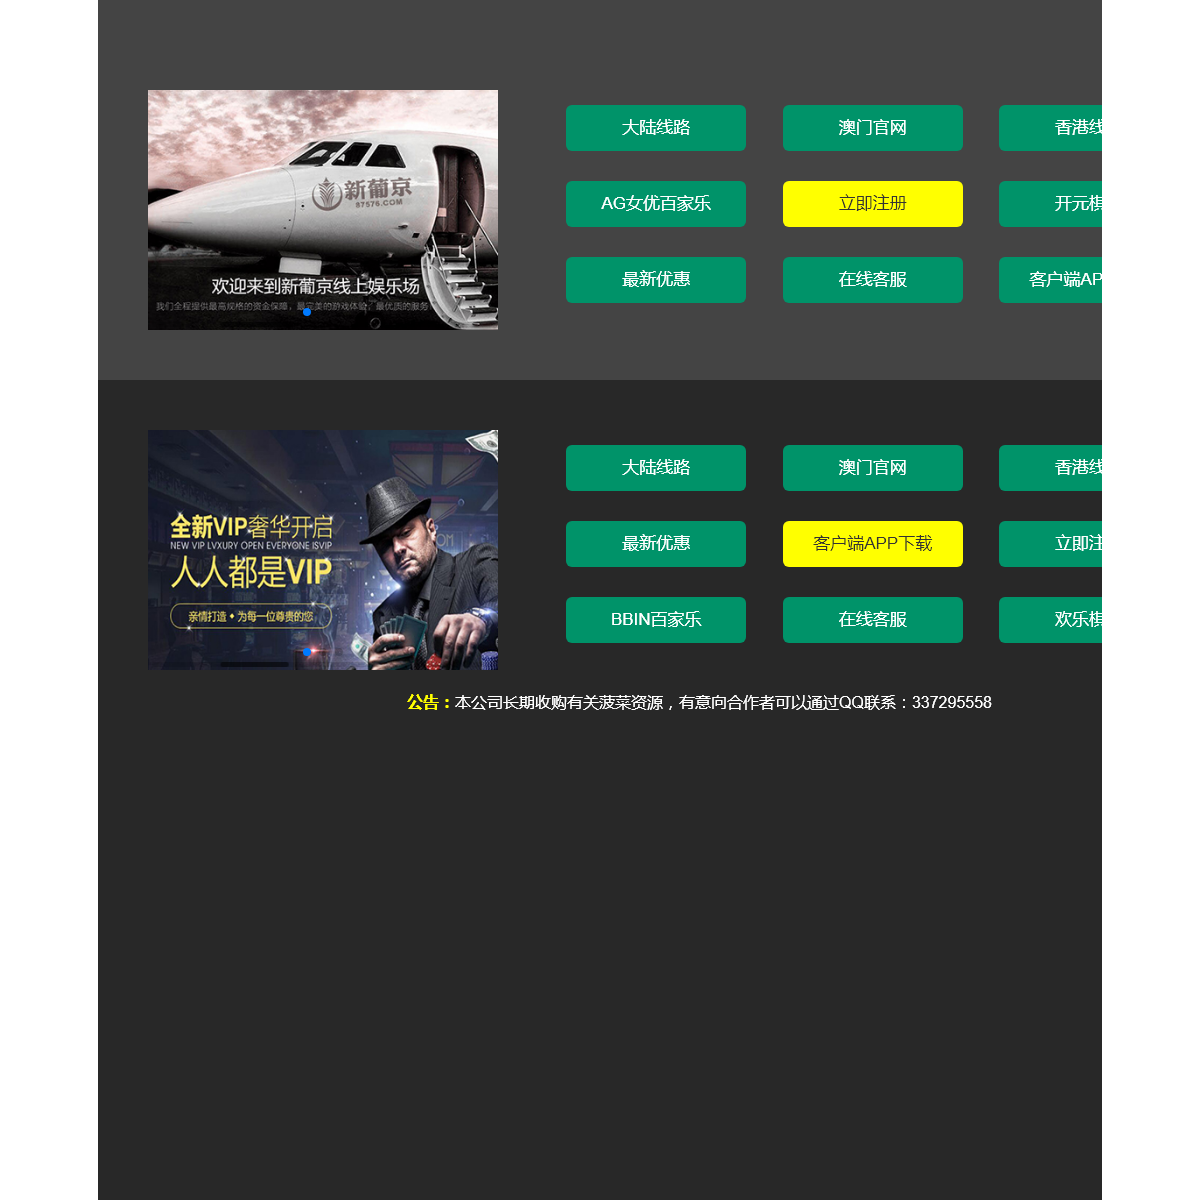 欢迎点击进入本公司最新官方网站-北京东方富林液化气有限公司